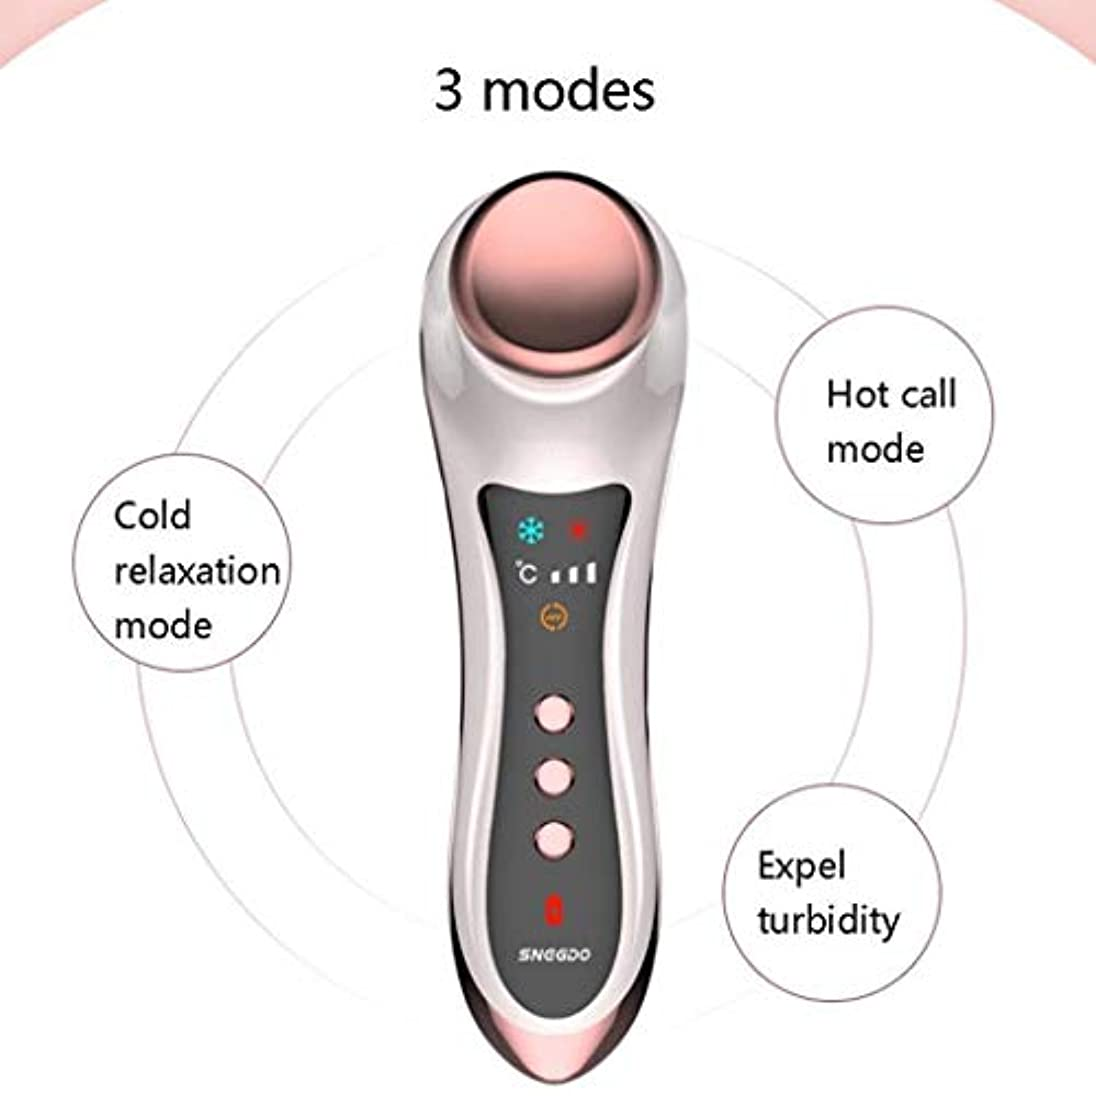 模倣バドミントンアニメーションアイマッサージャー、電熱式バイブレーションフェイシャルマッサージ、ダークサークルメガネの疲労や浮腫を軽減、高周波振動、USBインターフェース充電